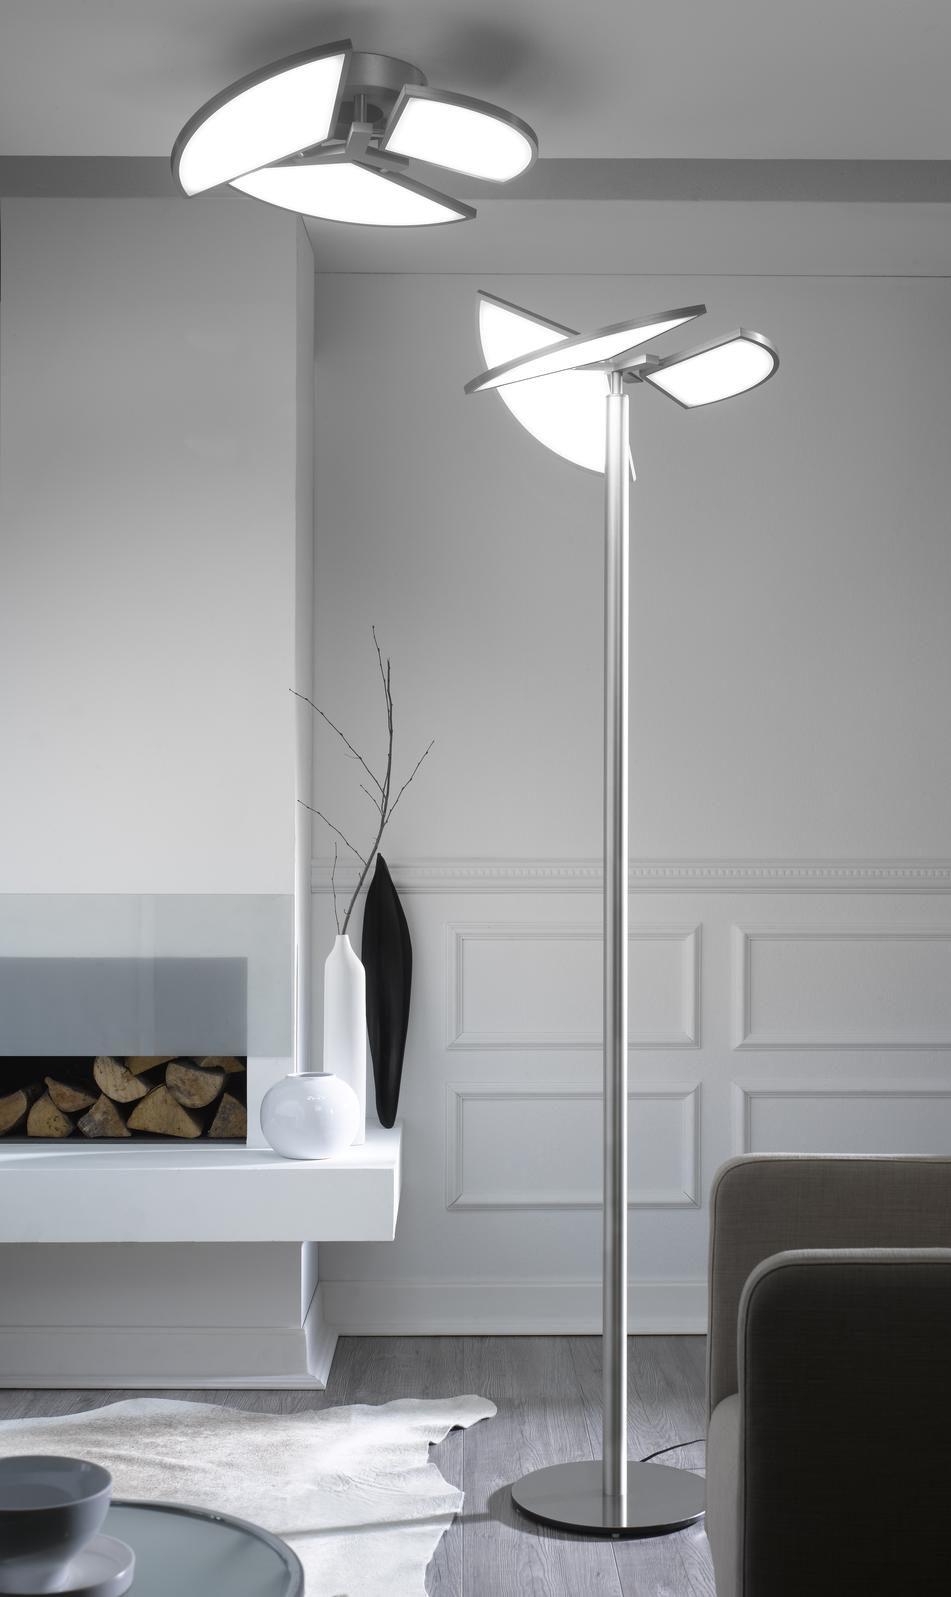 lampen wohnzimmer glas : Jobst Wohnwelt Traunreut R Ume Schlafzimmer Lampen